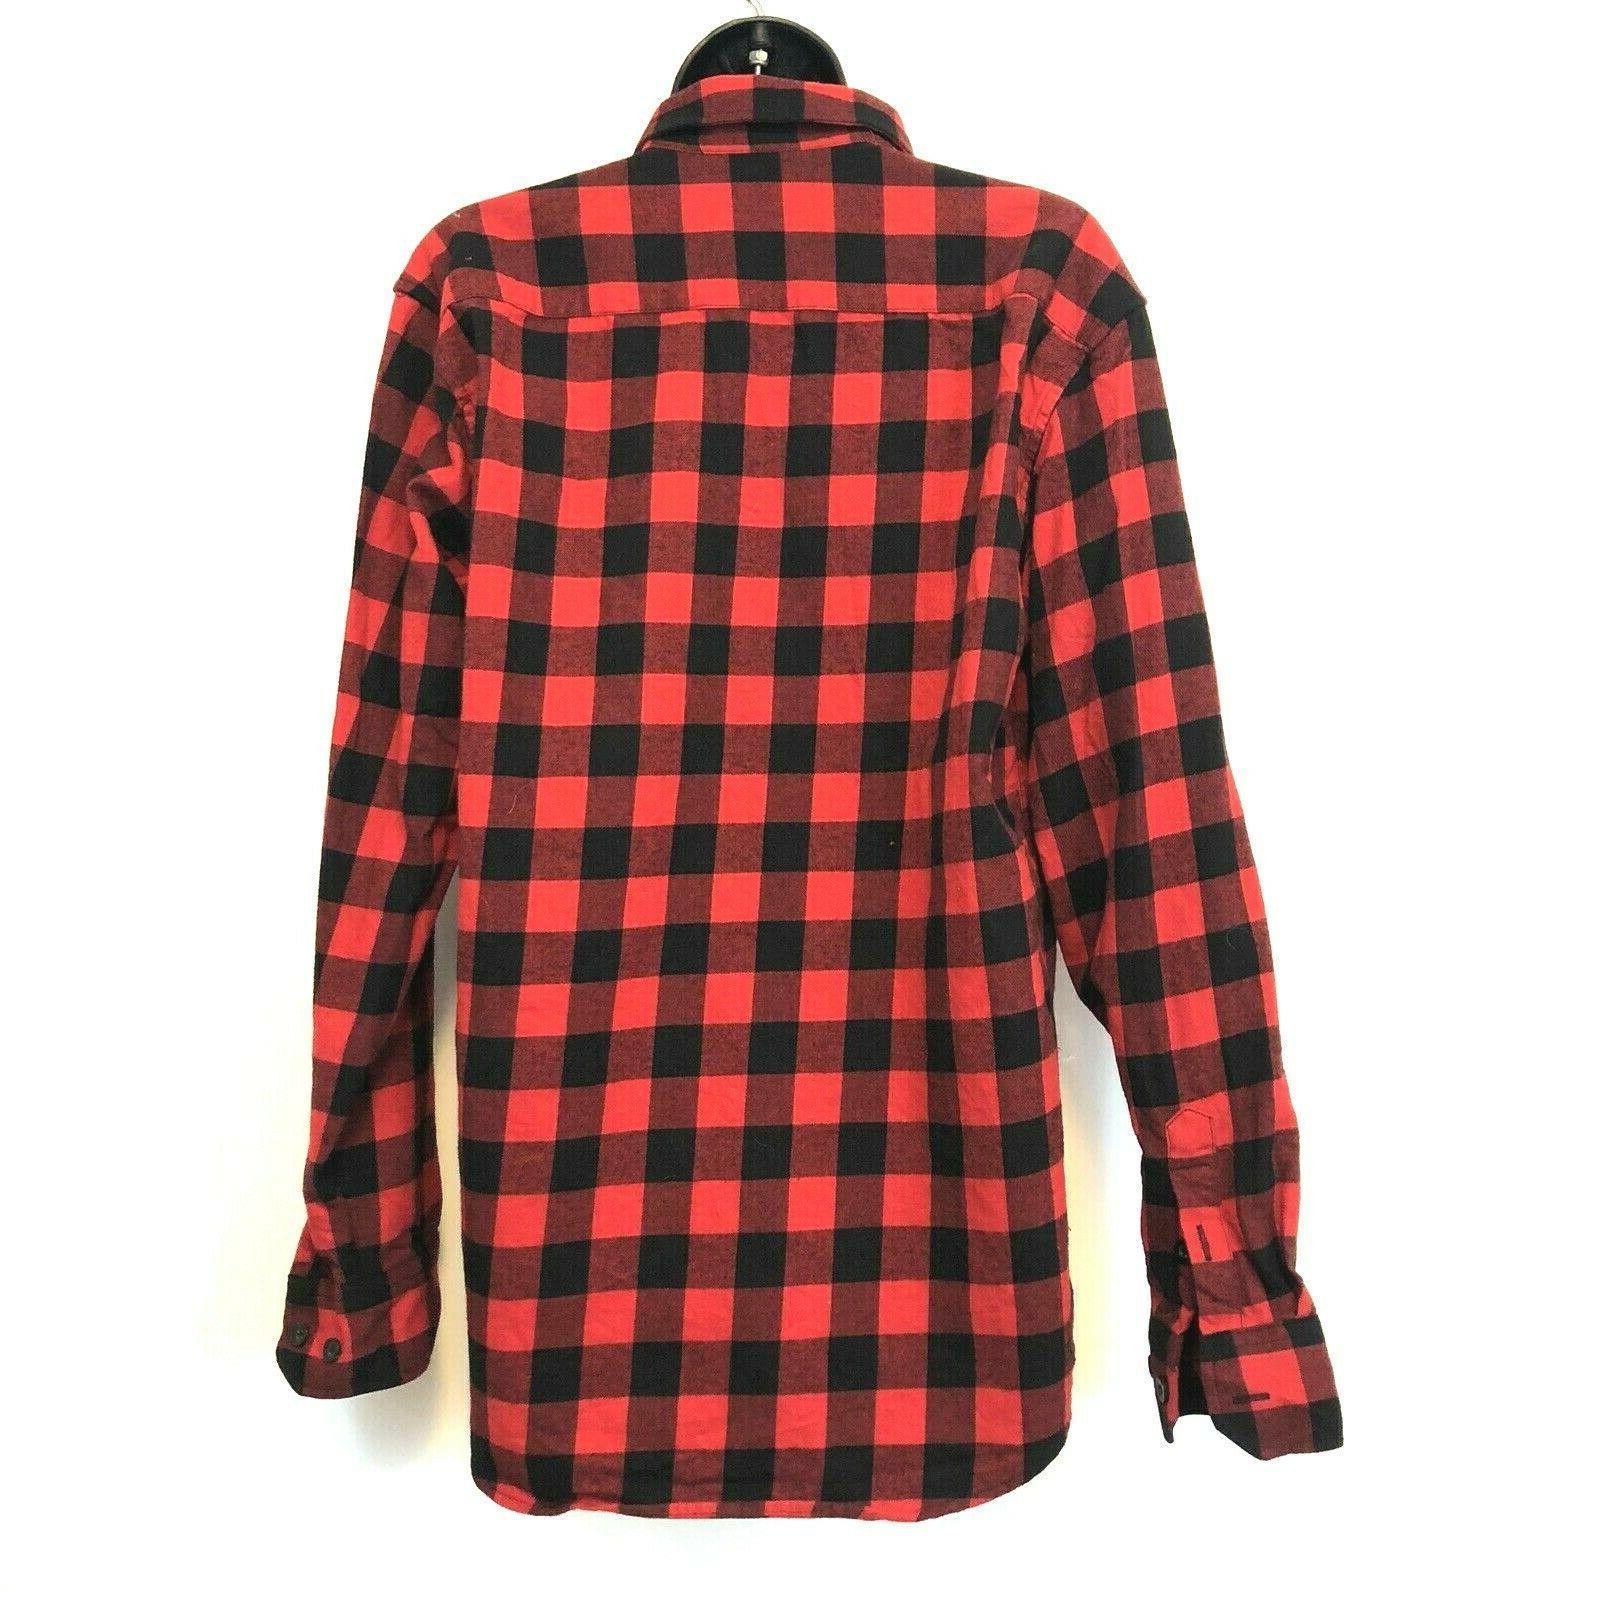 Ochenta Womens 2XL Buffalo Plaid Flannel Red Button